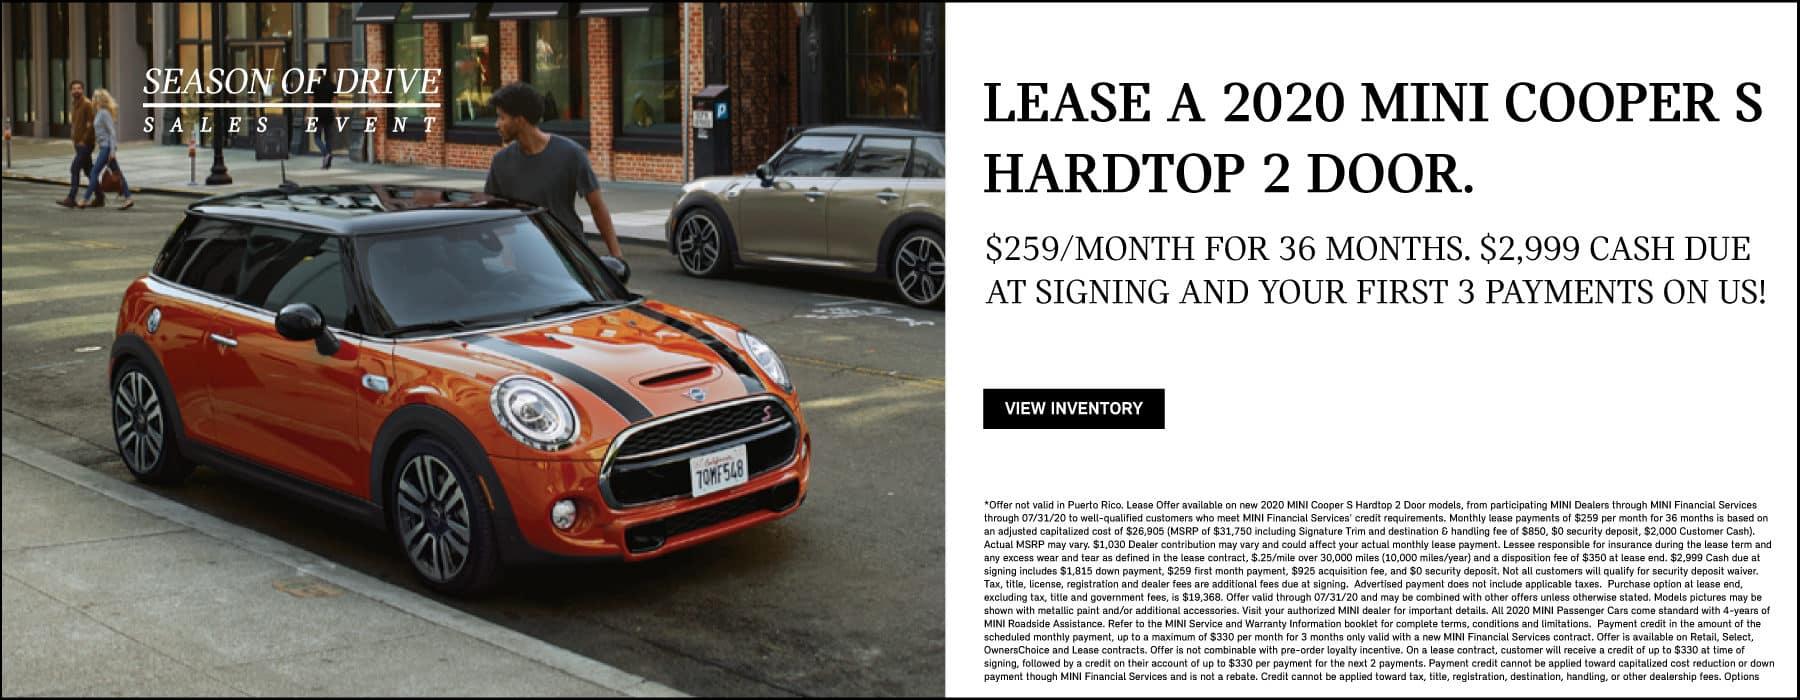 MINI Cooper S Hardtop 2 Door Lease offer